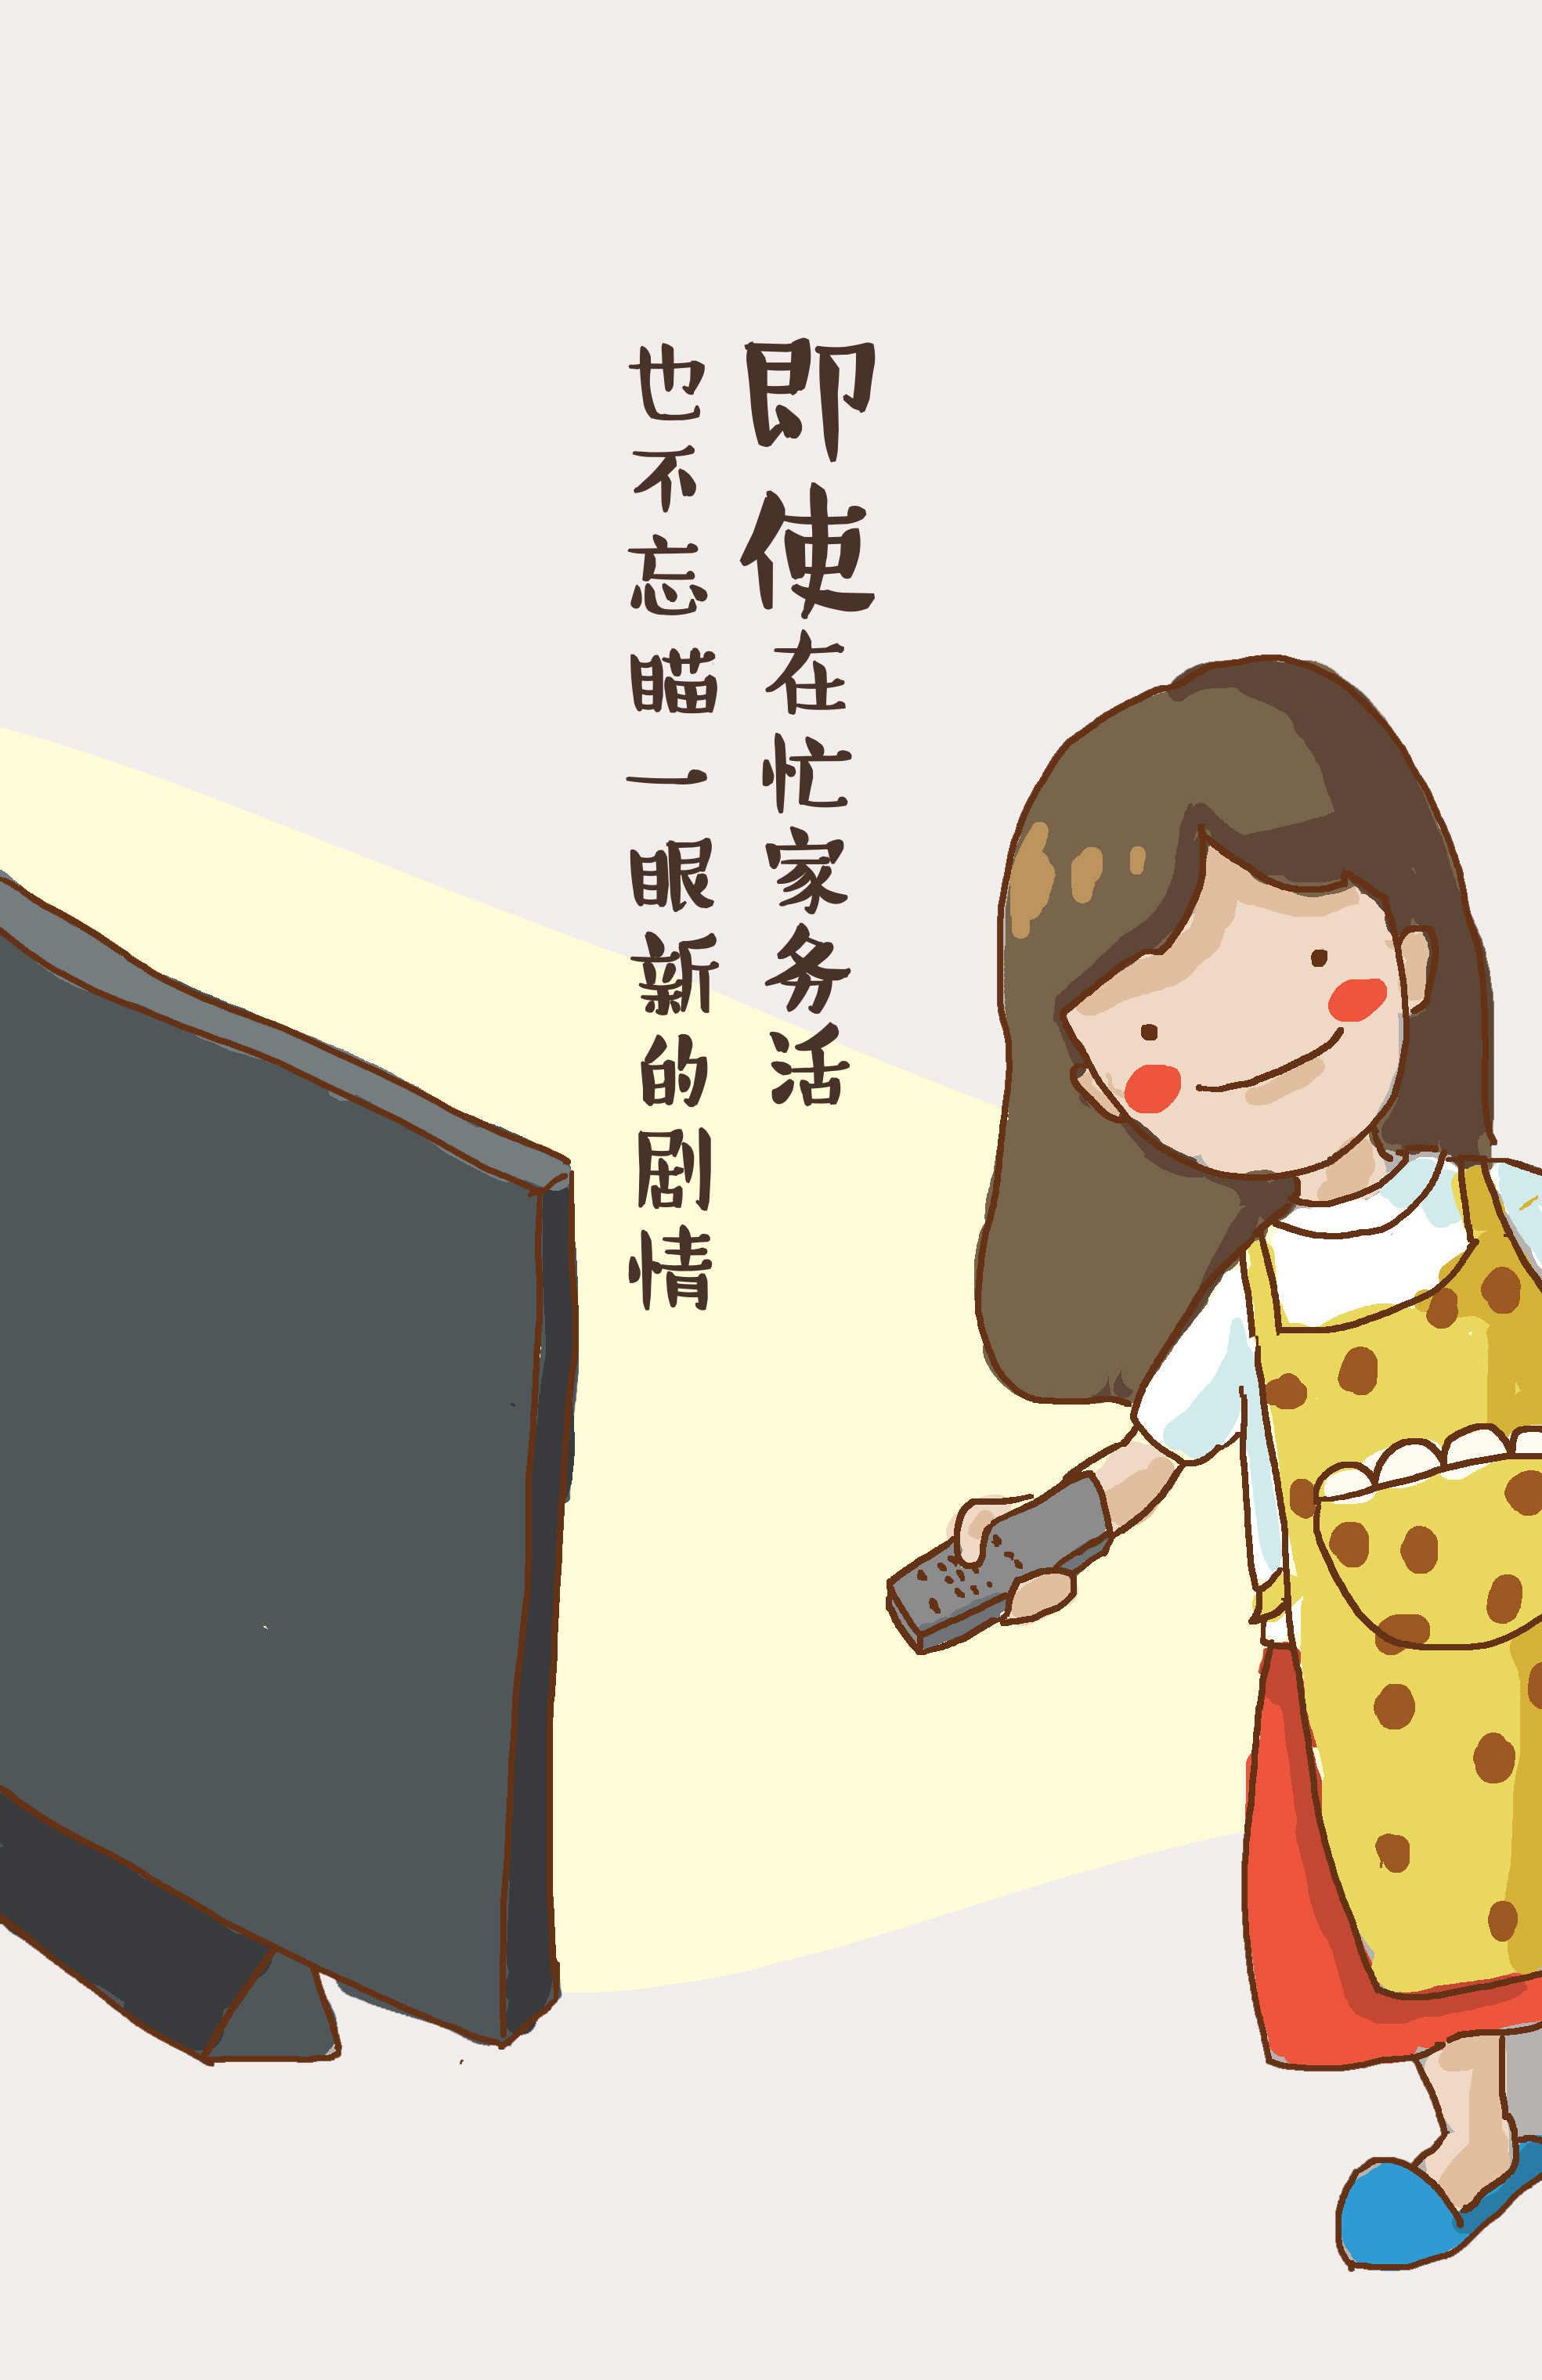 萌漫画:今天你看电视了吗?